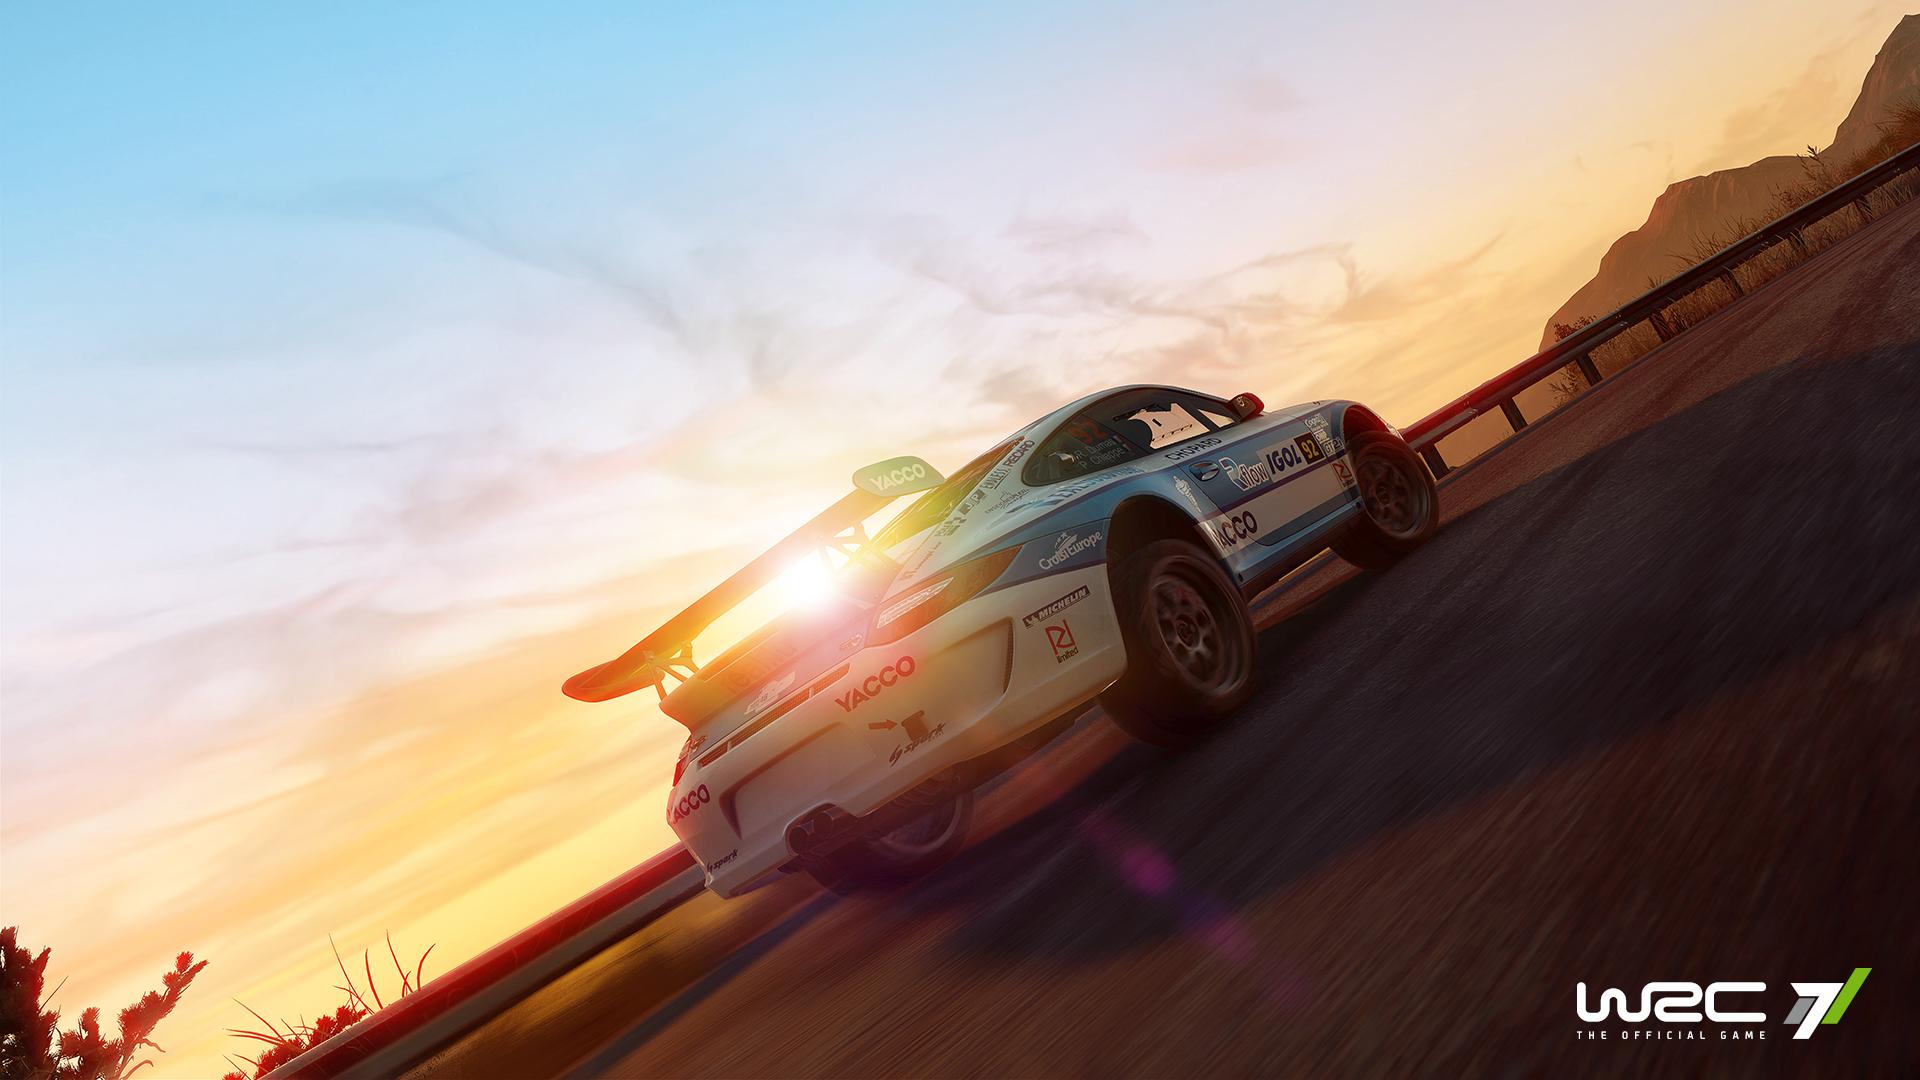 РУСИФИКАТОР ДЛЯ WRC 4 FIA WORLD RALLY CHAMPIONSHIP СКАЧАТЬ БЕСПЛАТНО